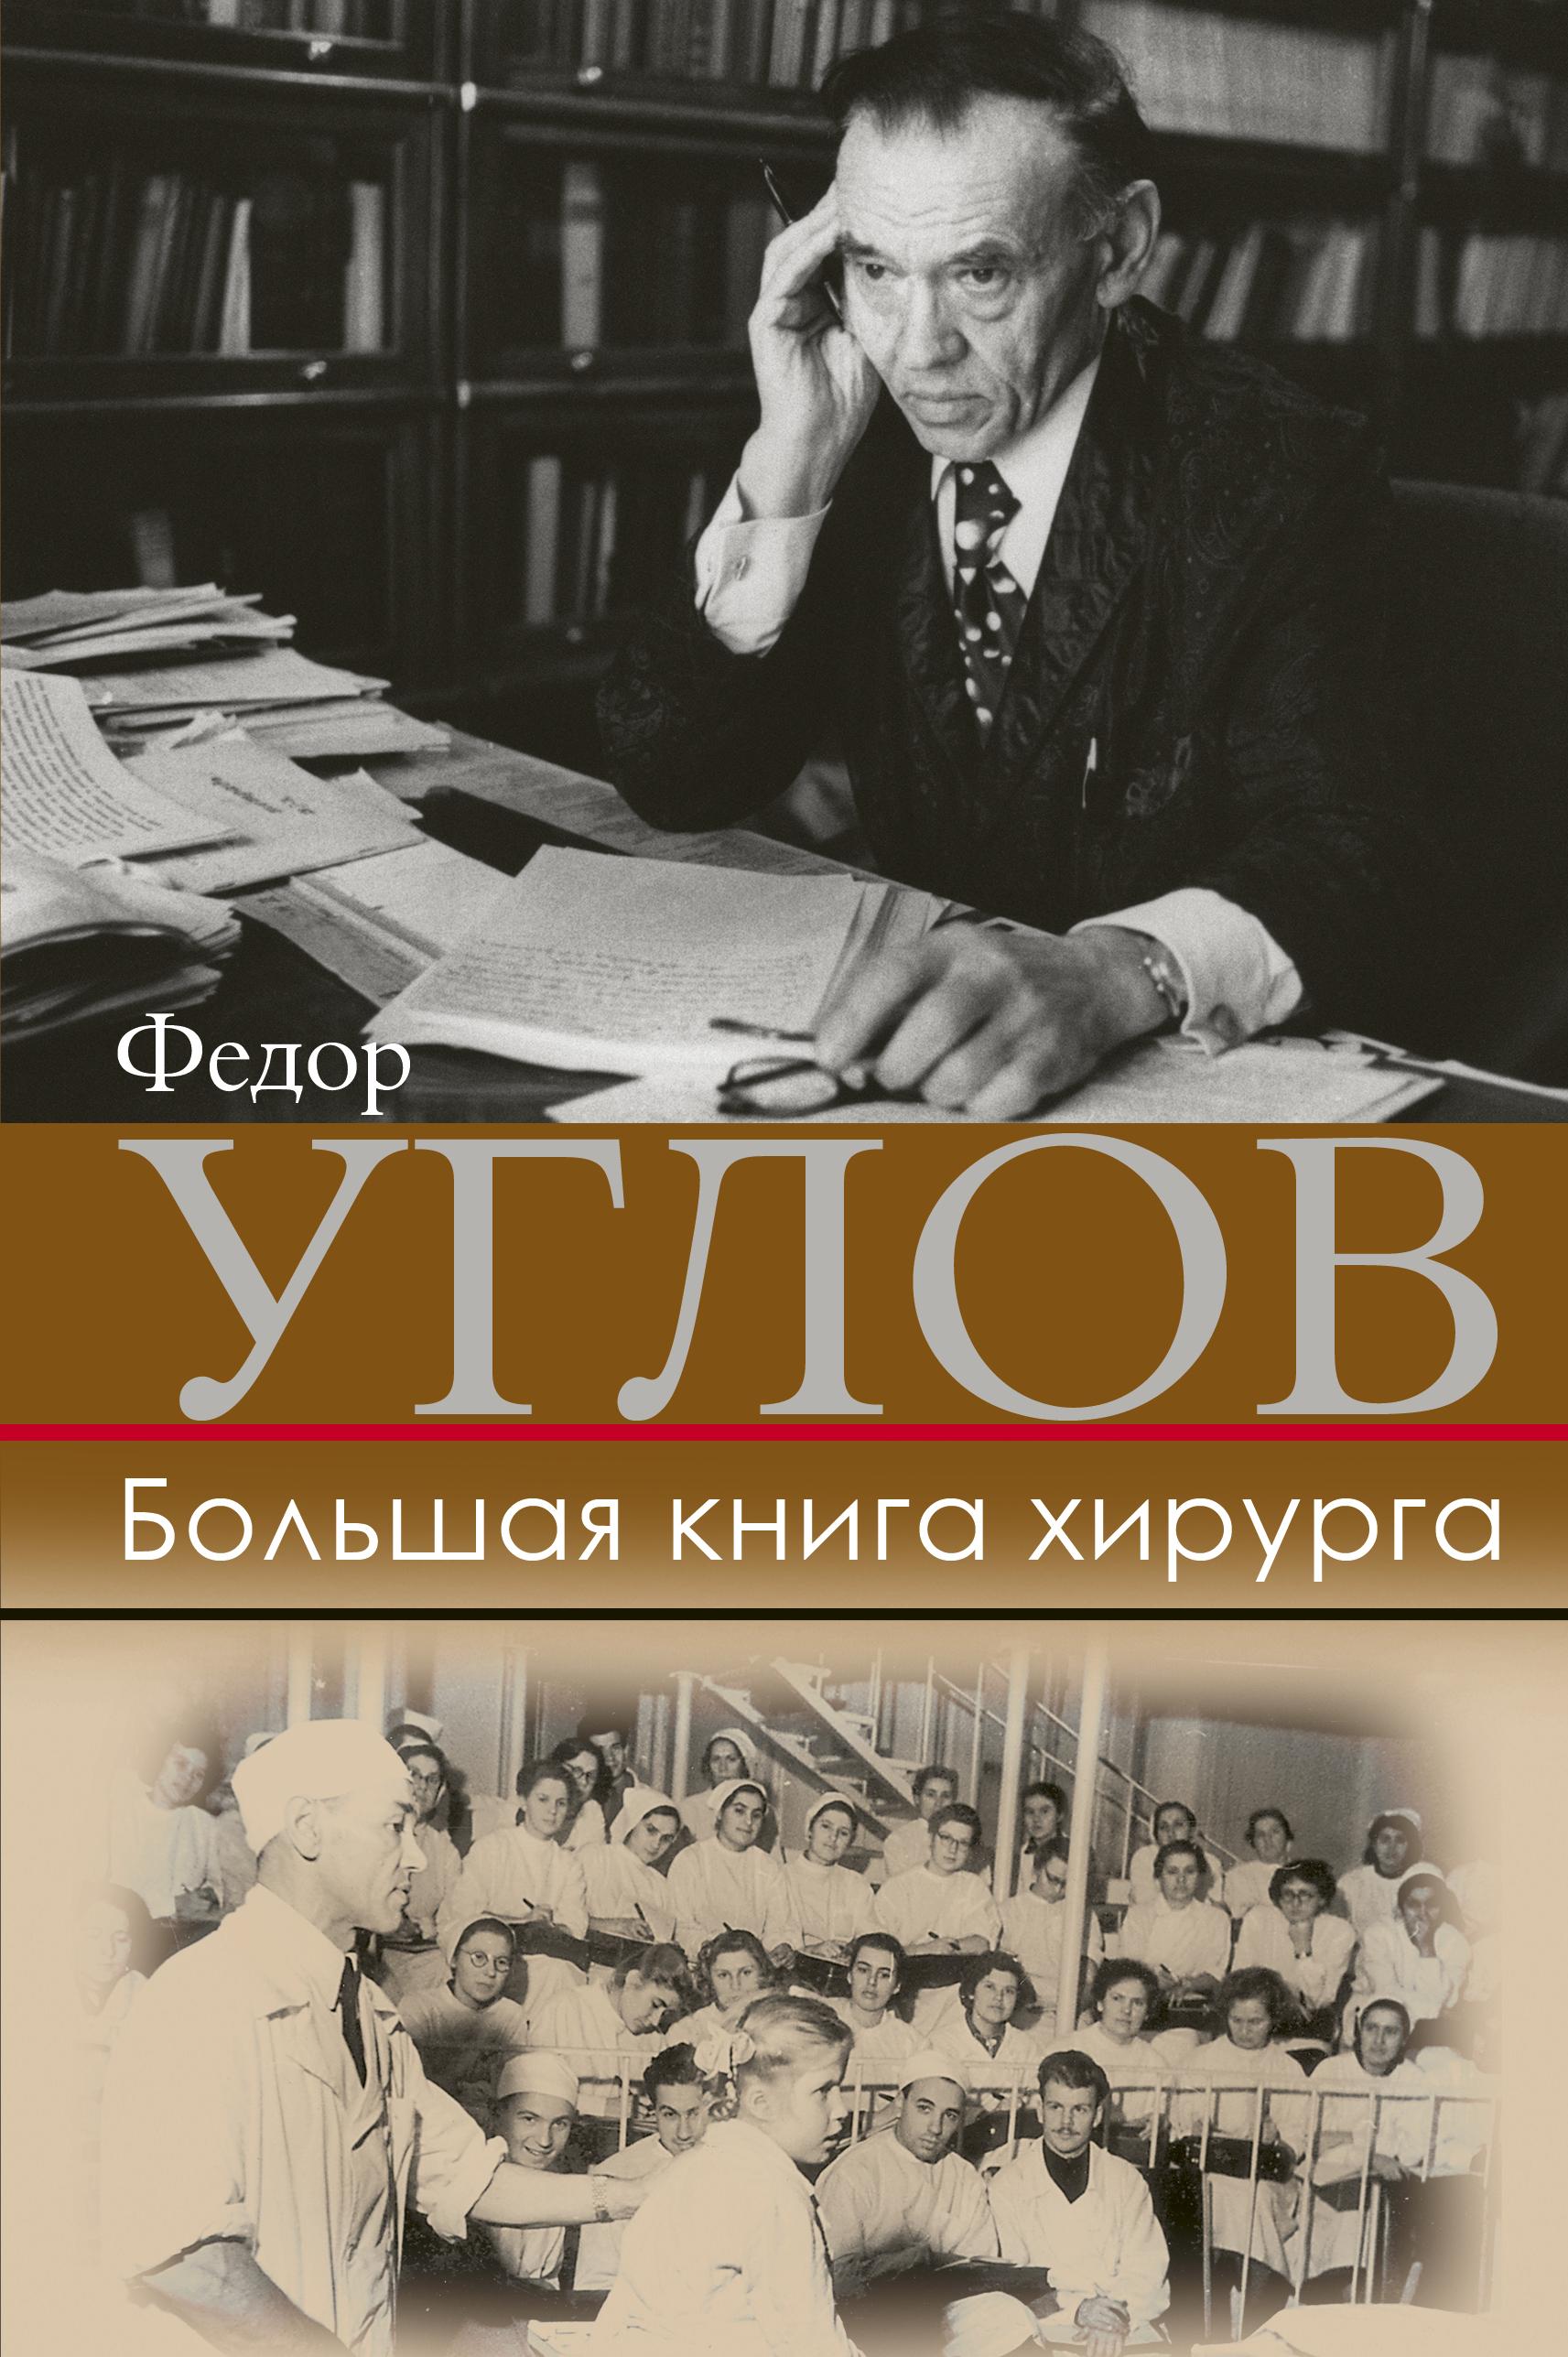 Купить книгу Большая книга хирурга, автора Федора Углова